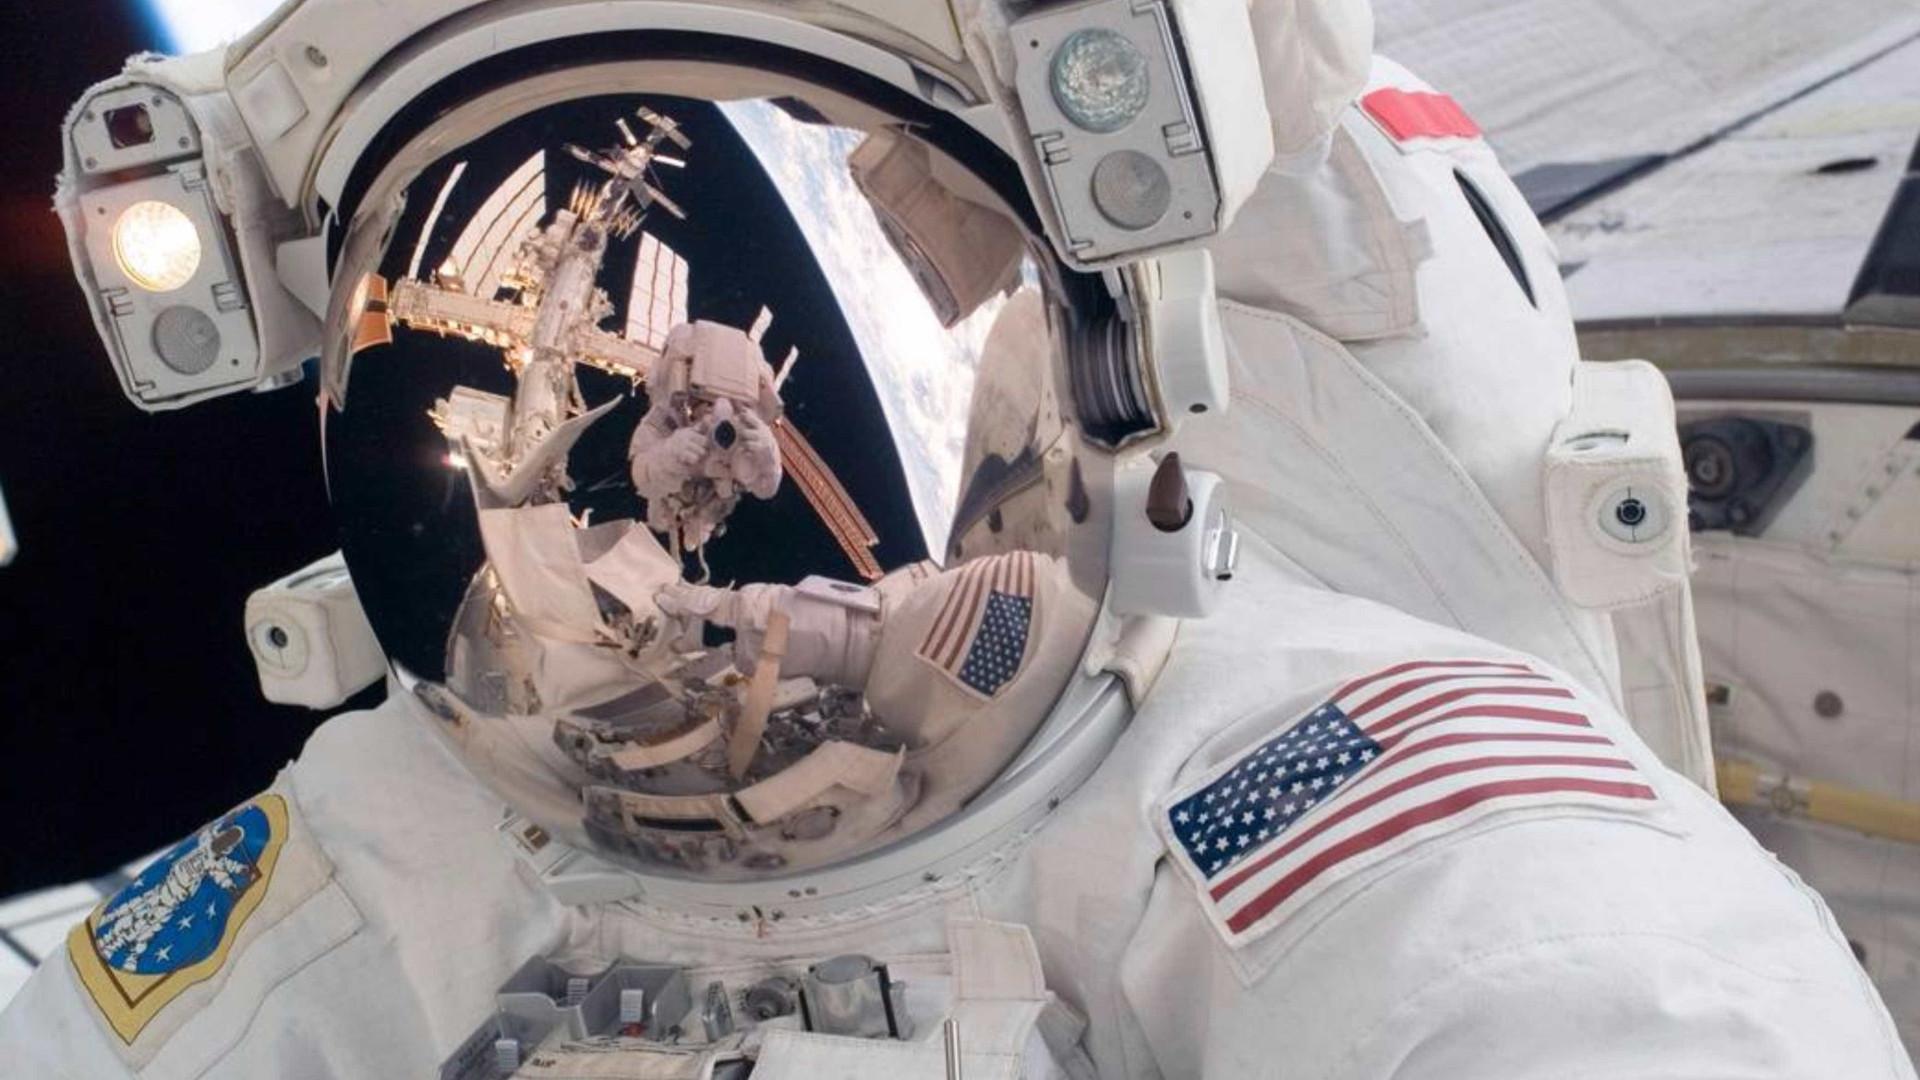 As selfies mais incríveis do mundo foram tiradas no Espaço